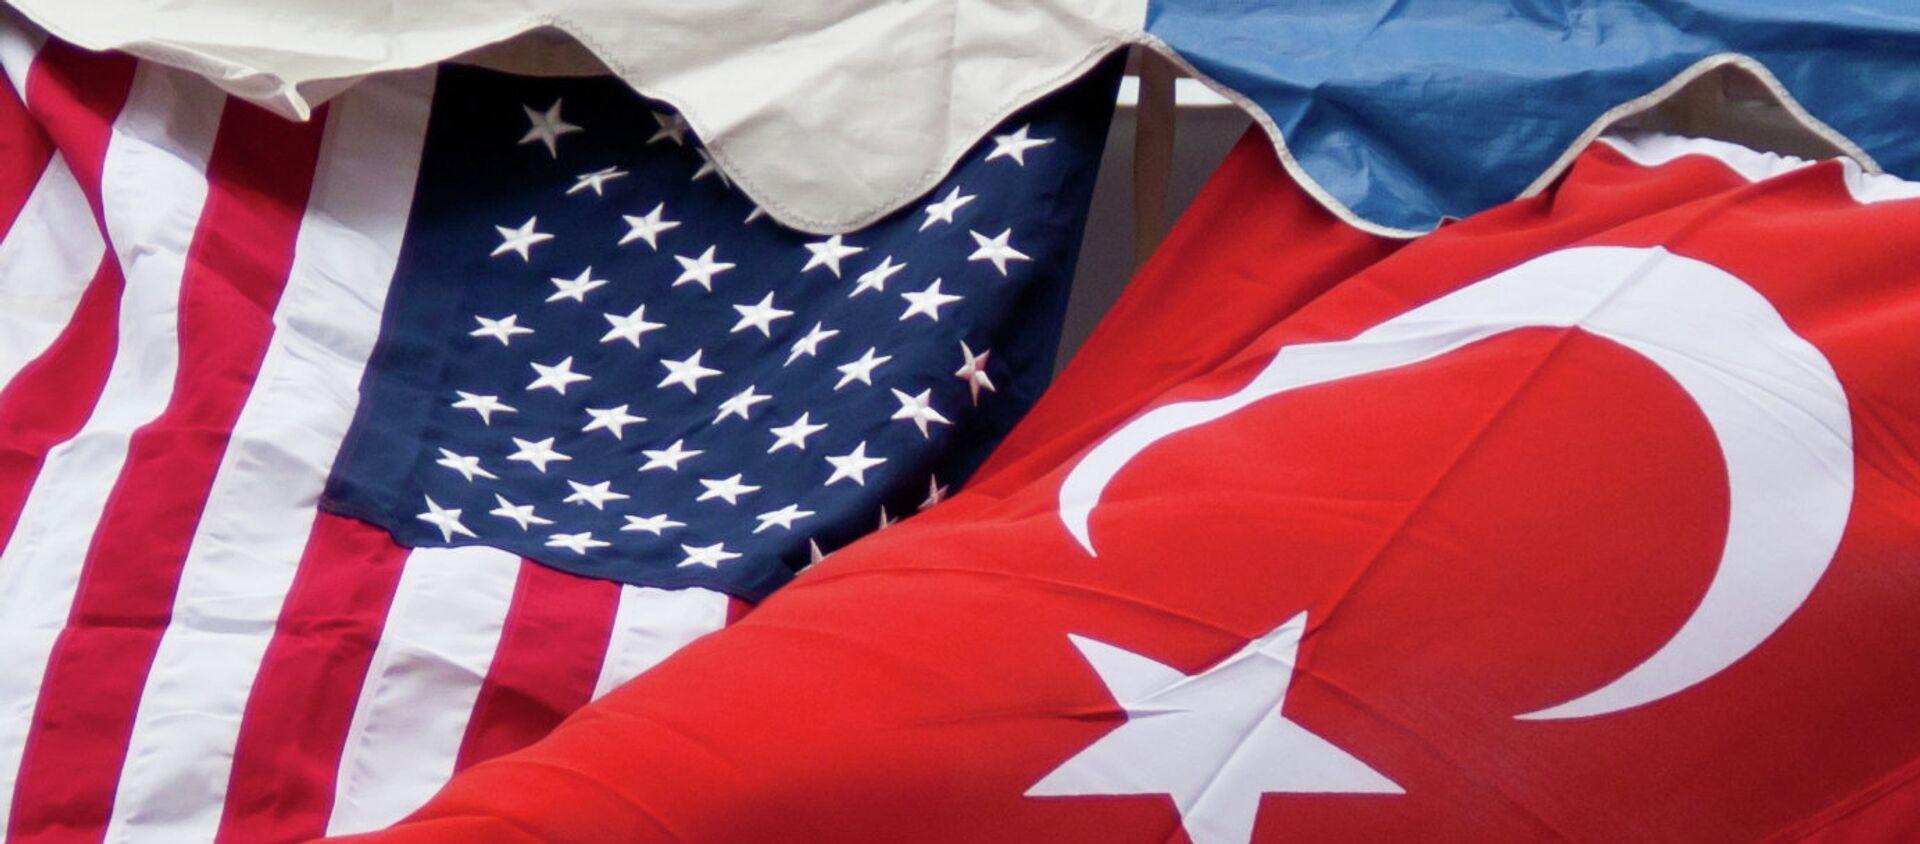 Le bandiere degli USA e della Turchia - Sputnik Italia, 1920, 22.04.2021